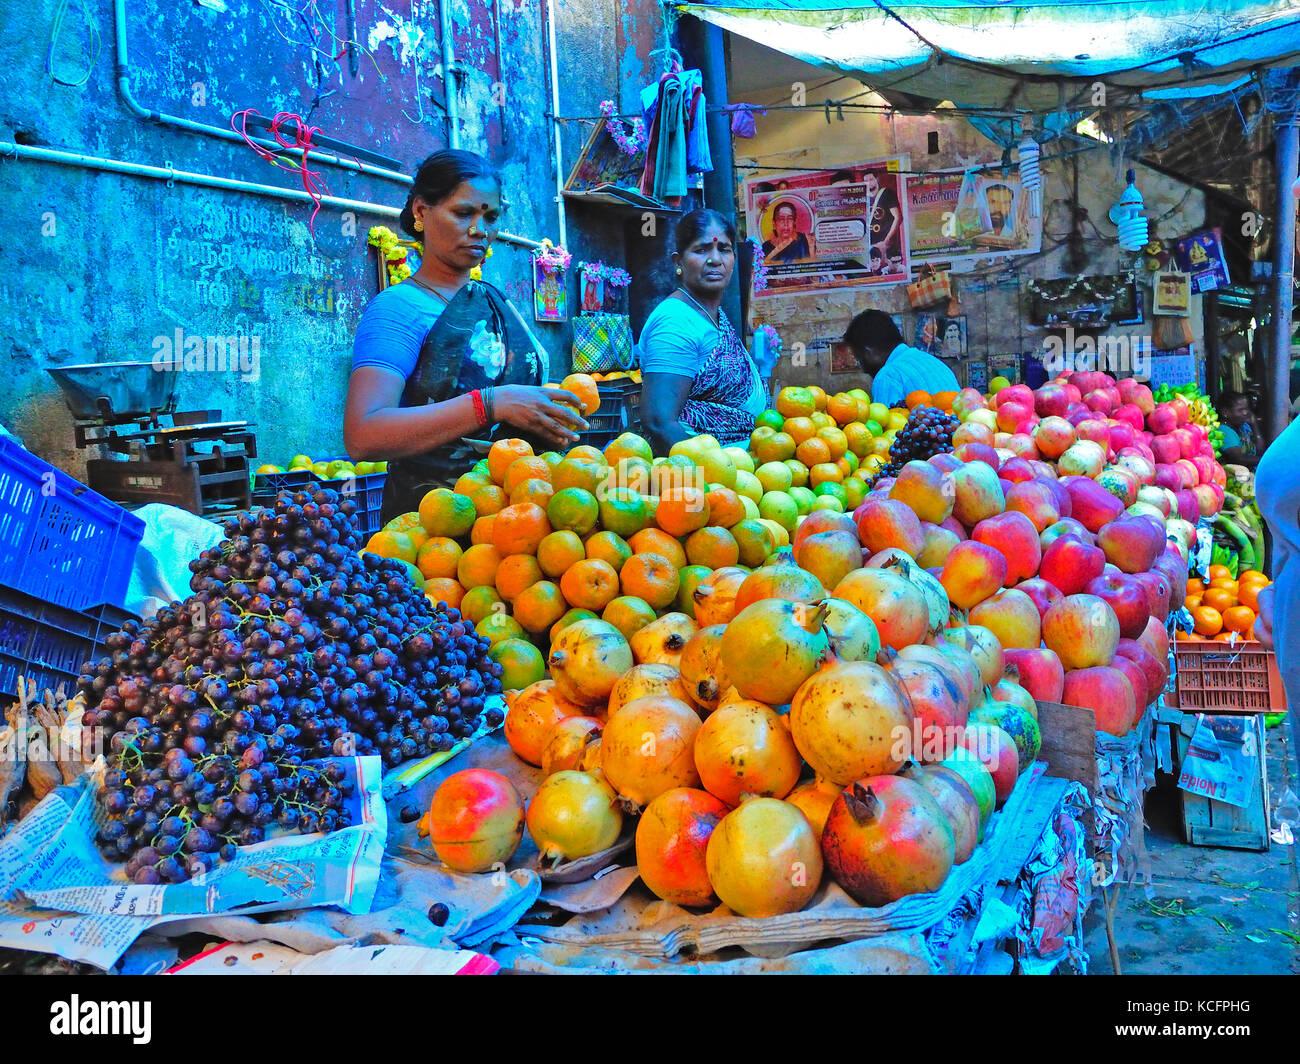 main market, Pondicherry (Puducherry), India Stock Photo